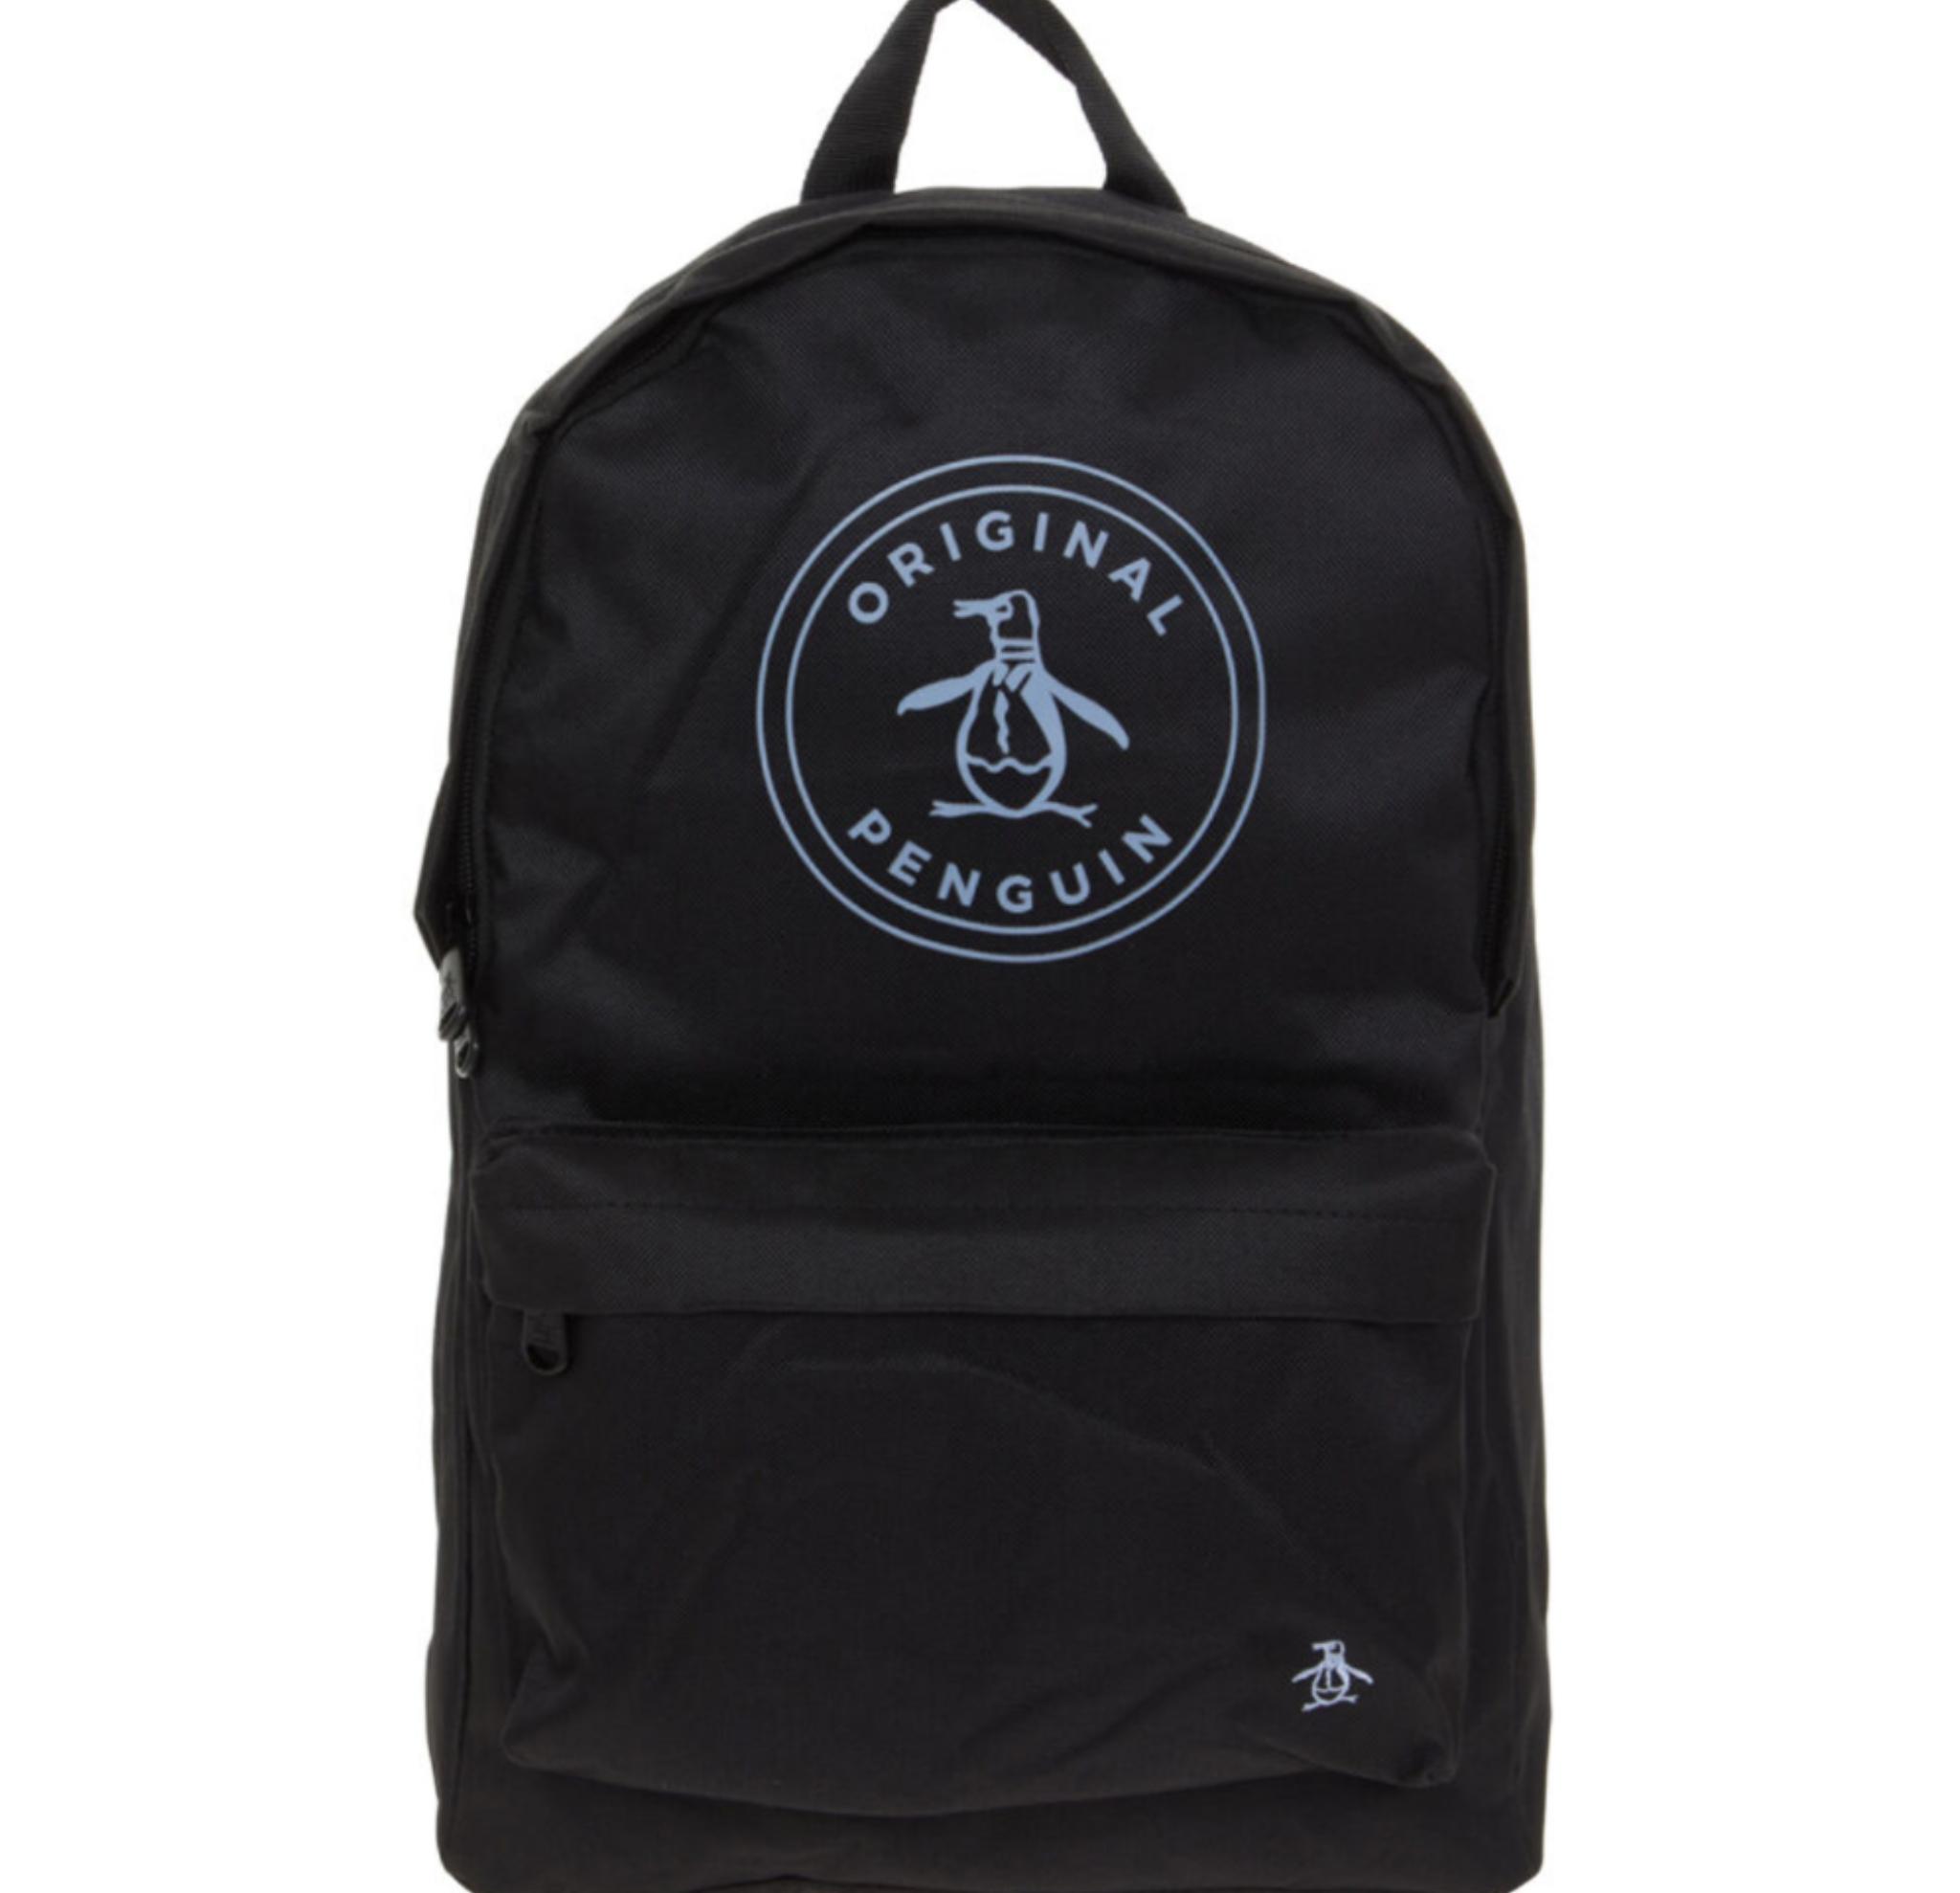 Original PENGUIN SEINE BACKPACK Laptop bag £10 +£3.99 delivery @ TK Maxx